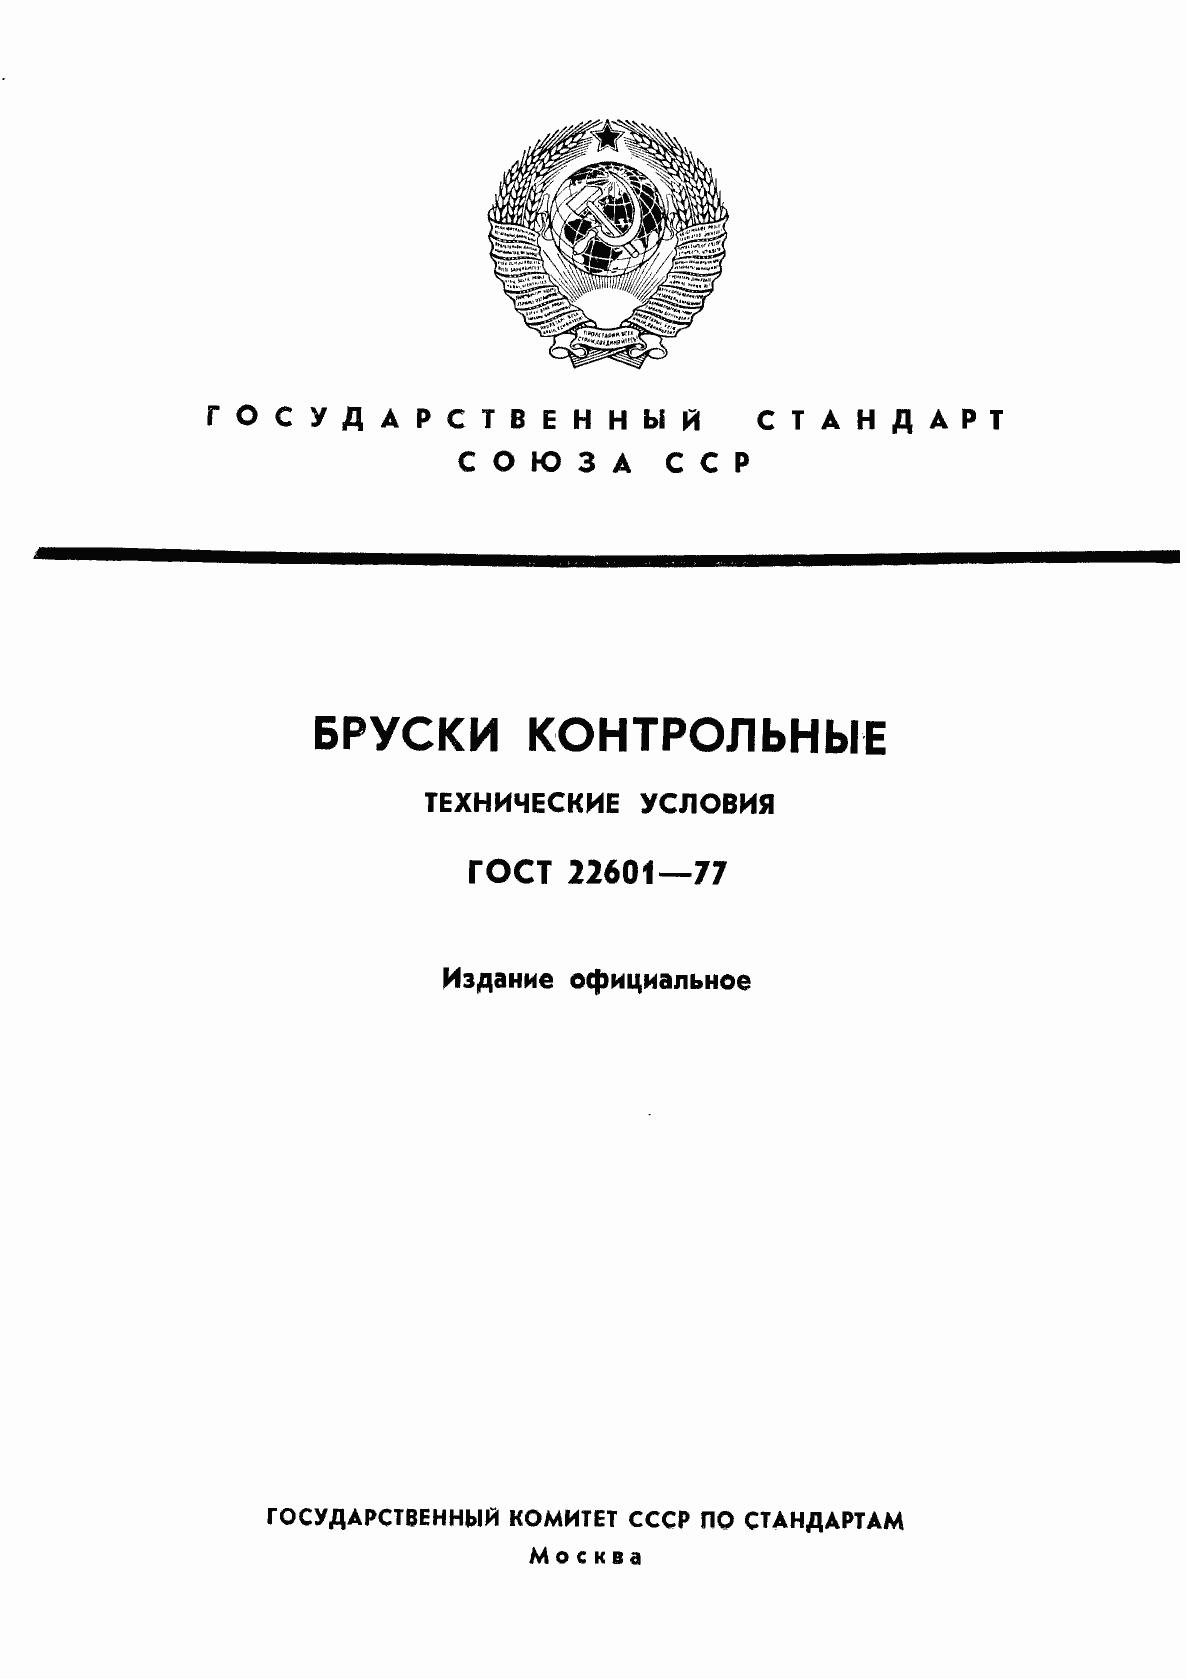 ГОСТ Бруски контрольные Технические условия ГОСТ 22601 77 Страница 1